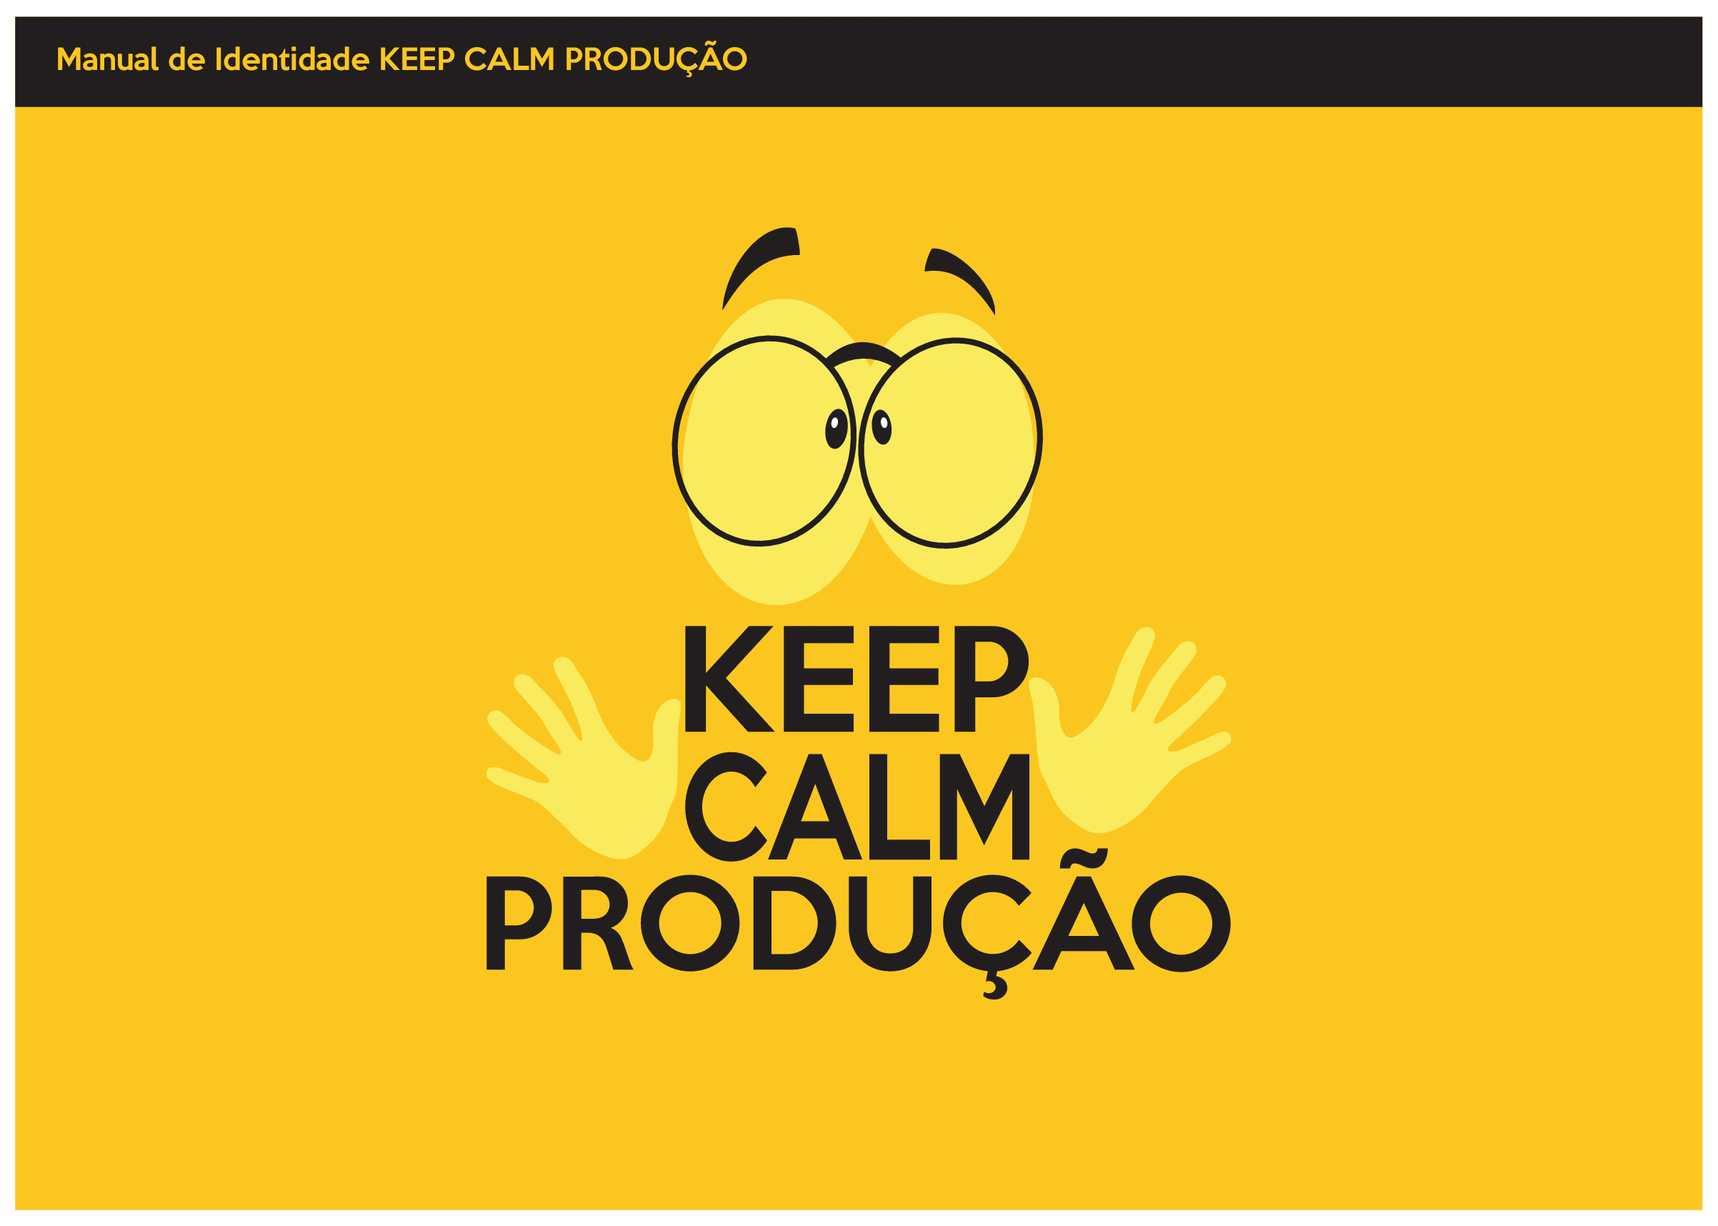 Que Significa Keep Calm: Manual De Identidade Keep Calm Produção